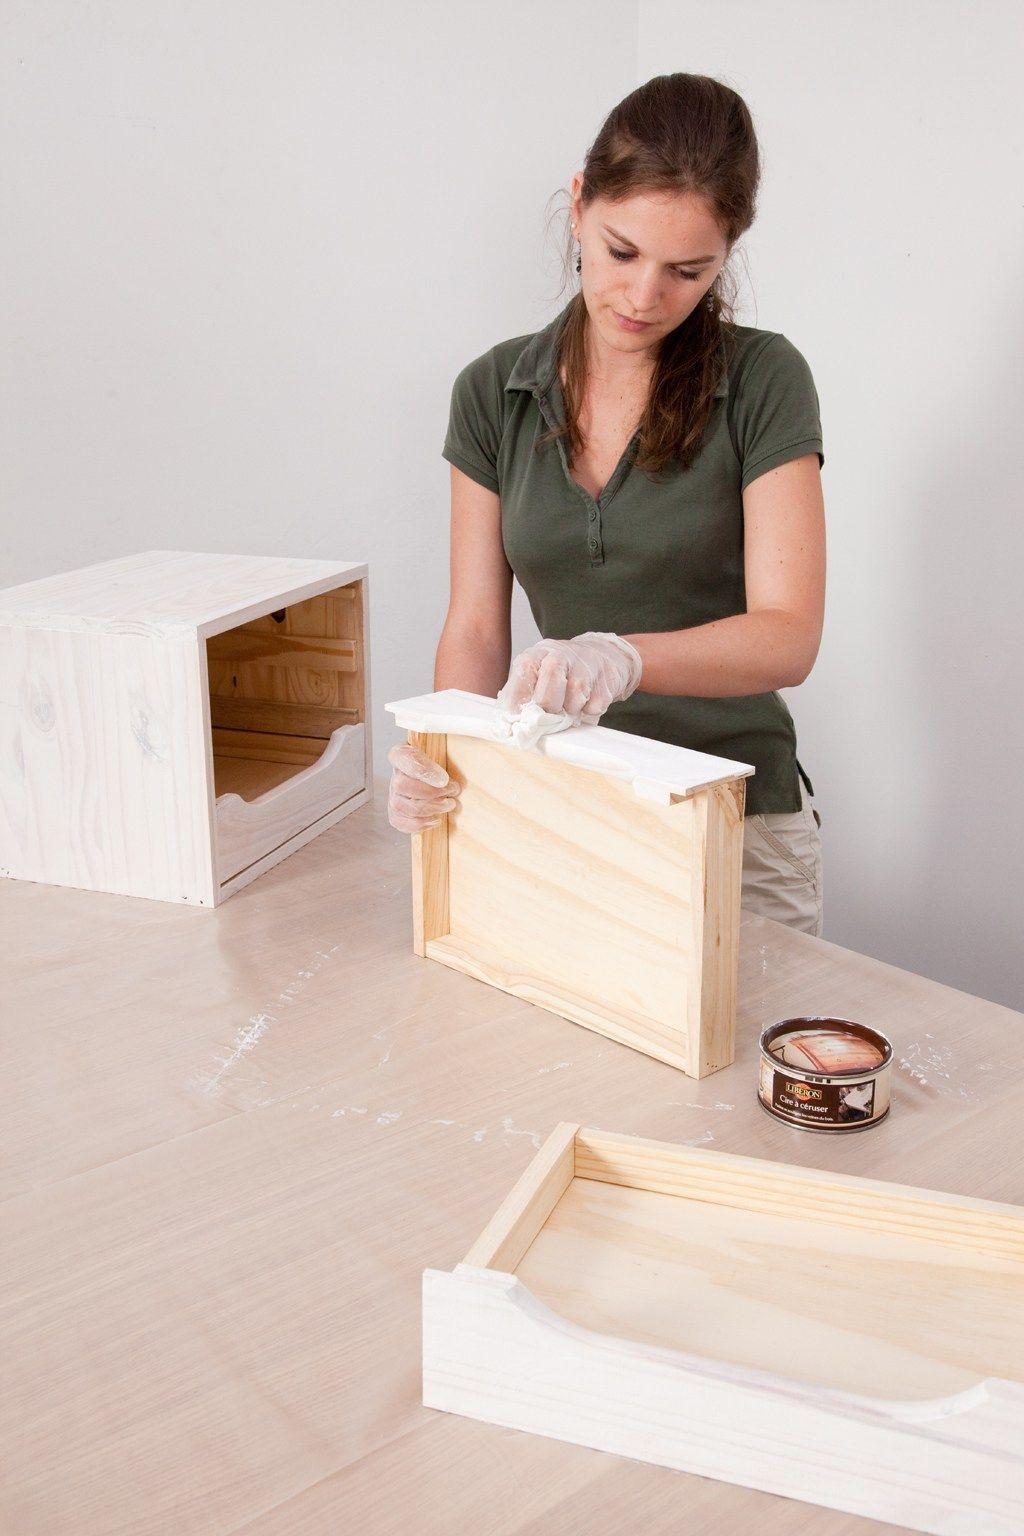 C ruser un meuble diy relooking ceruser un meuble meuble et mobilier de salon - Ceruser un meuble en pin ...